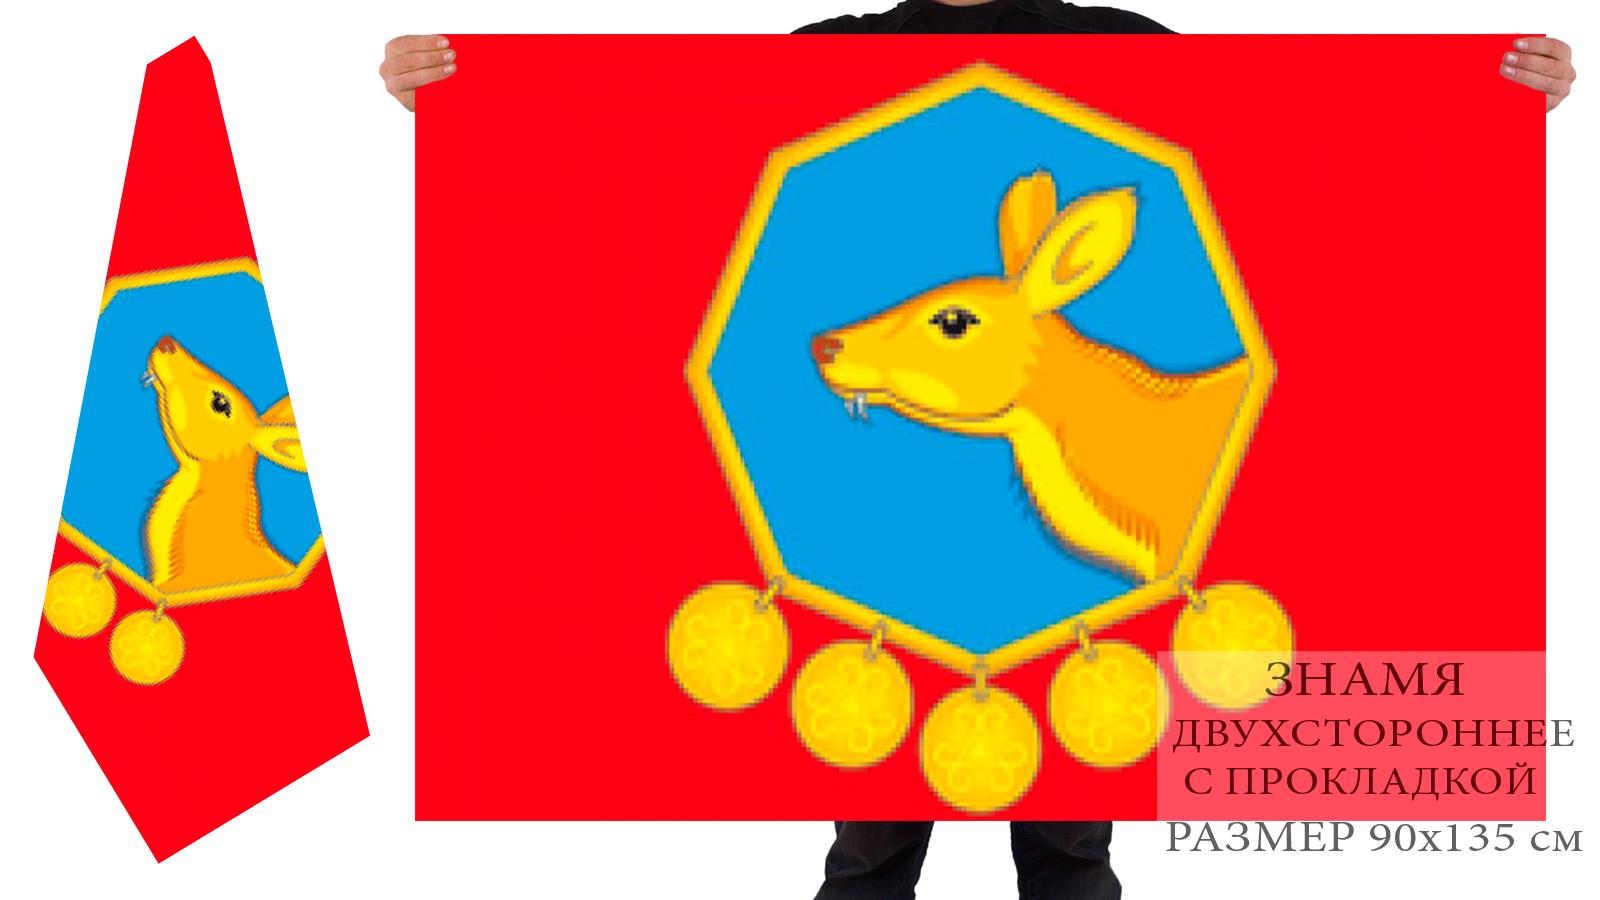 Купить флаг Баяндаевского района